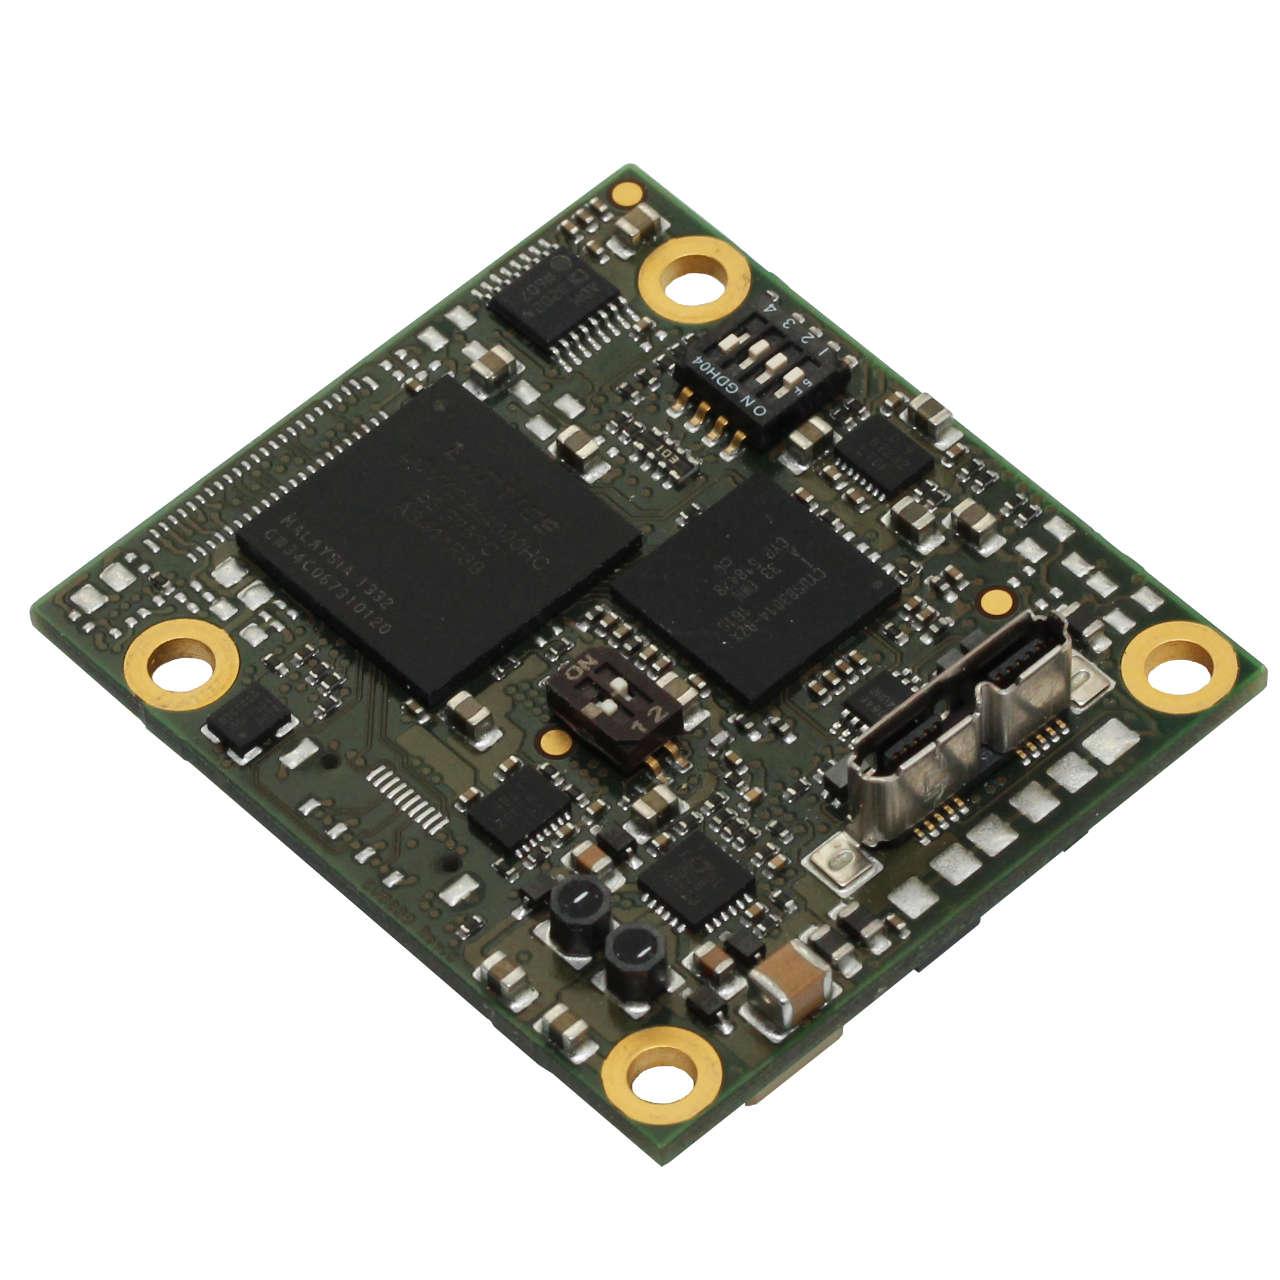 TL6636 |USB 3.0, Vertical Micro B Connector (Trigger)